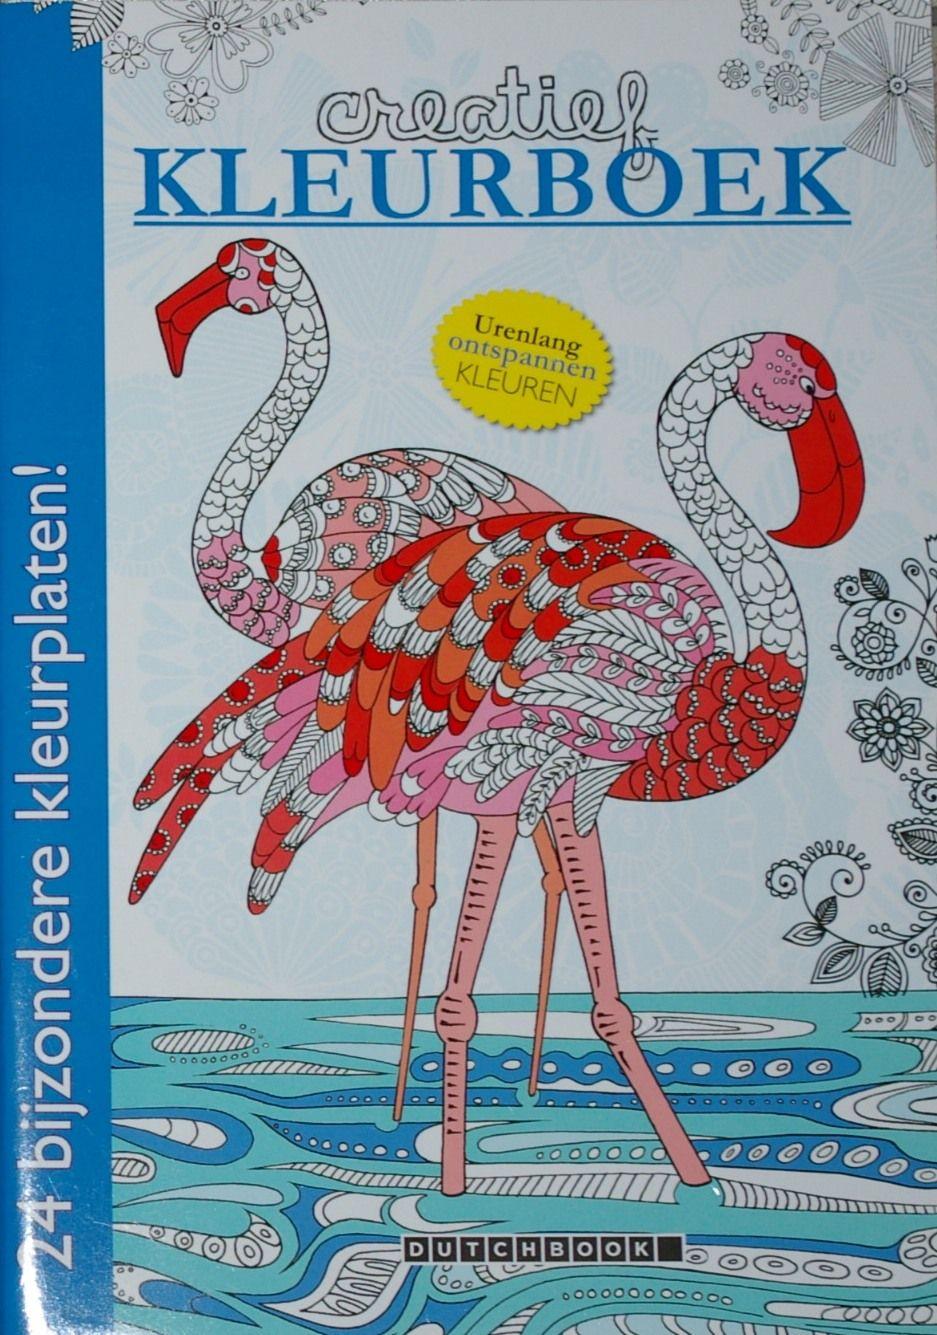 Creatief Kleurboek Voor Volwassen Action Kleurboek Creatief Kleurplaten